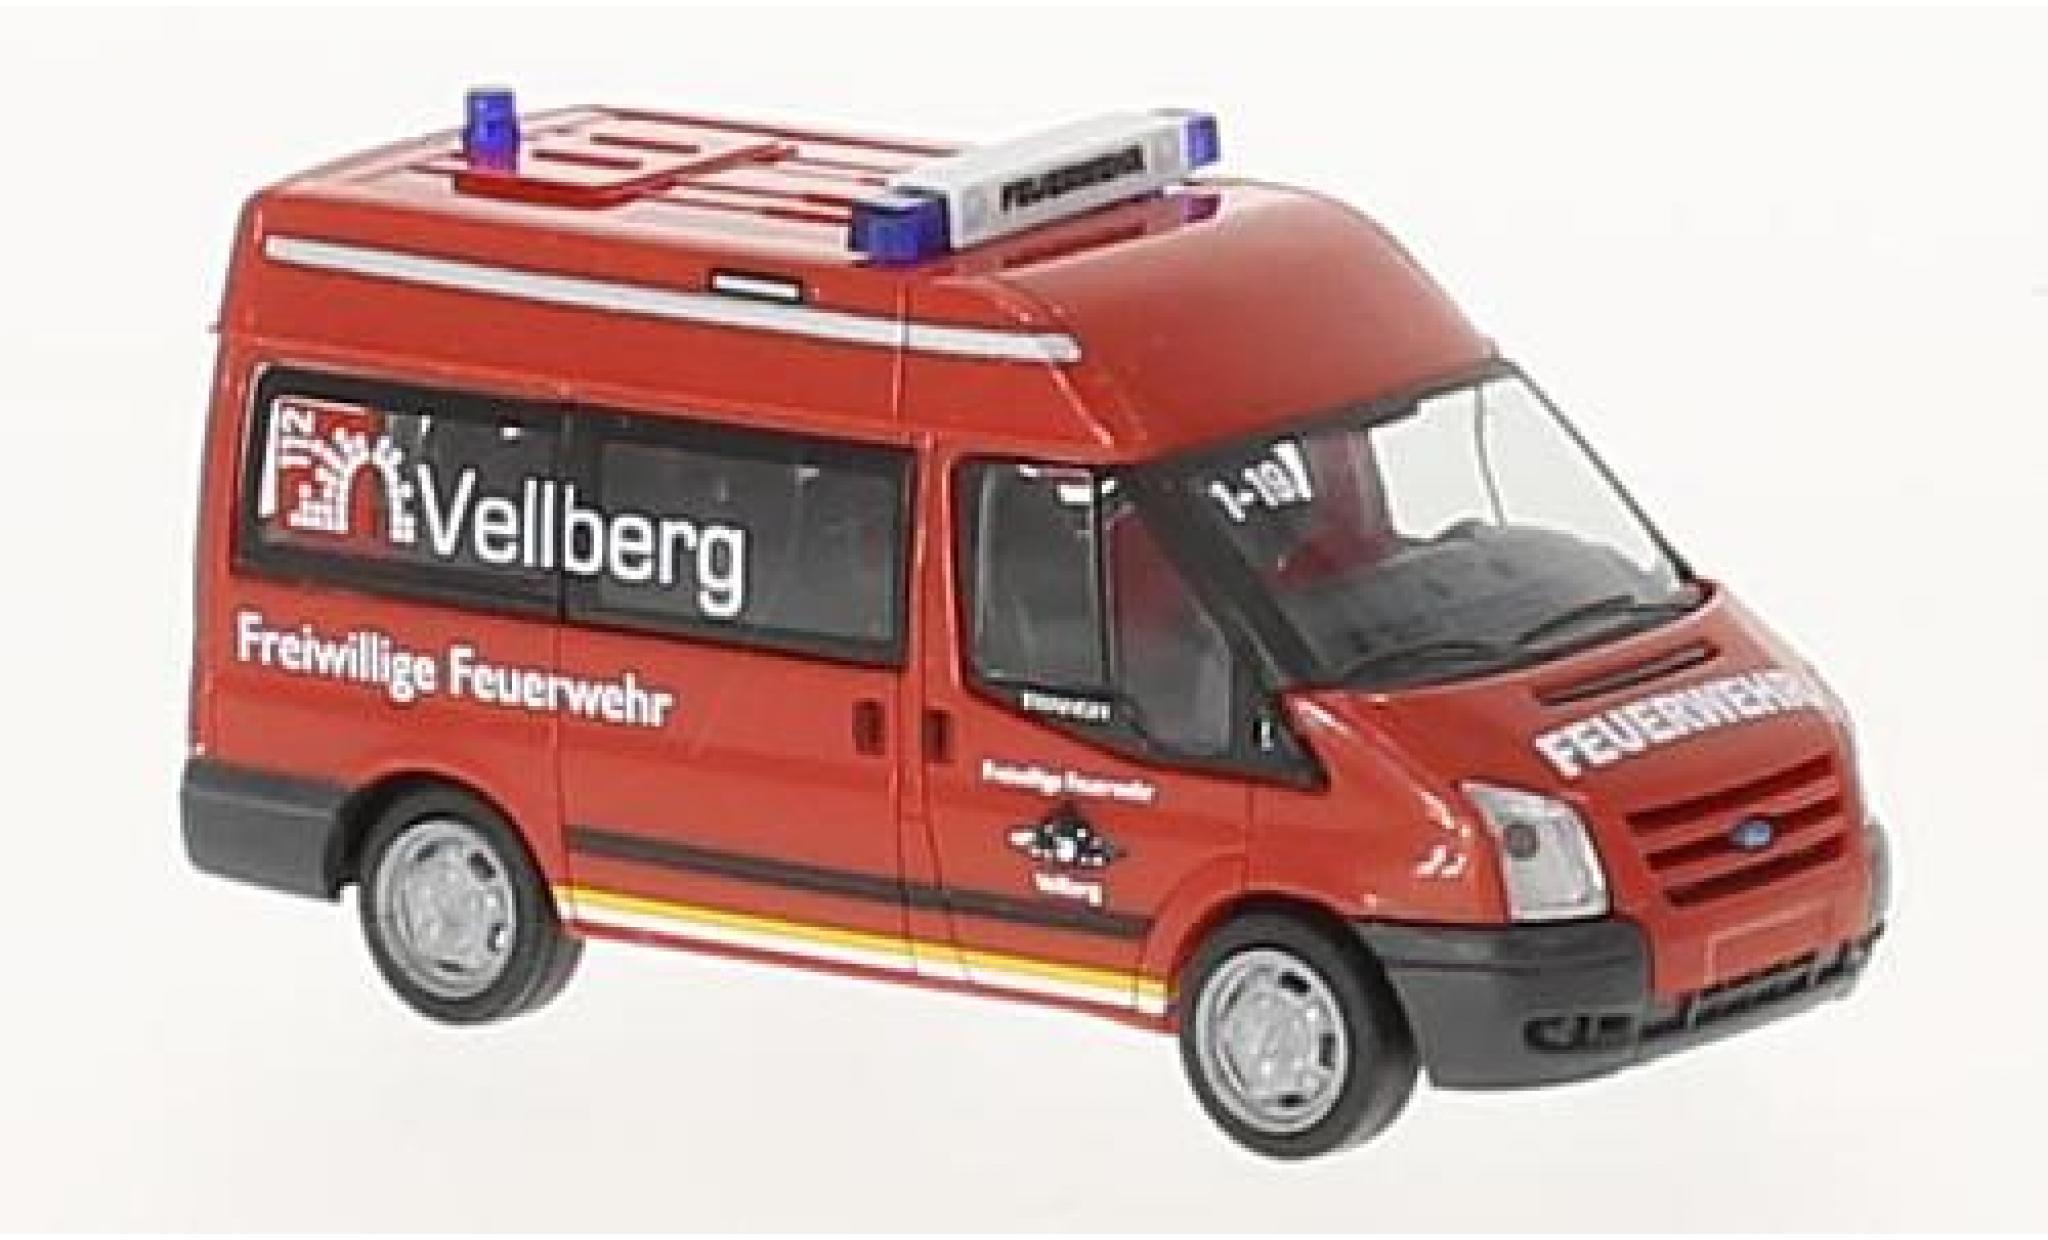 Ford Transit 1/87 Rietze Feuerwehr Vellberg 2006